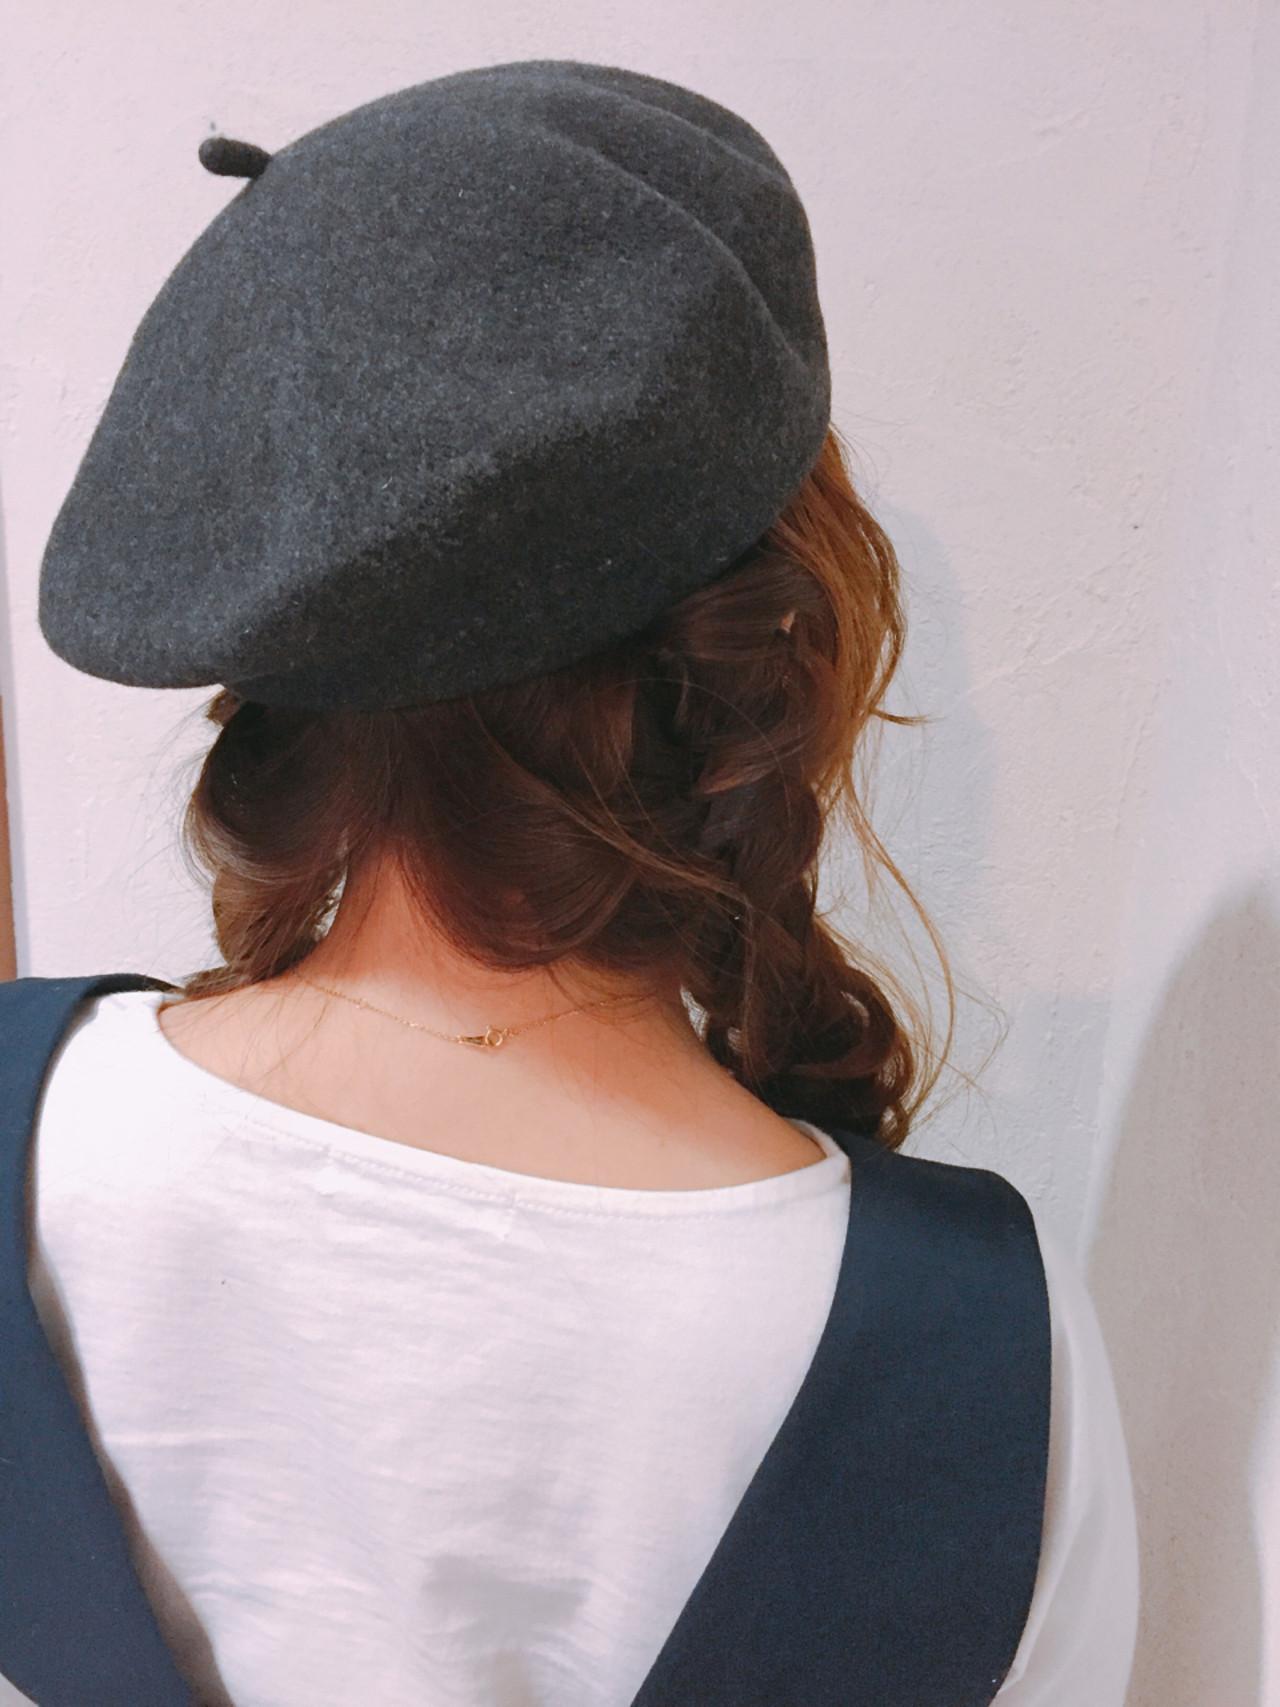 ナチュラル ベレー帽 ロング 編み込み ヘアスタイルや髪型の写真・画像